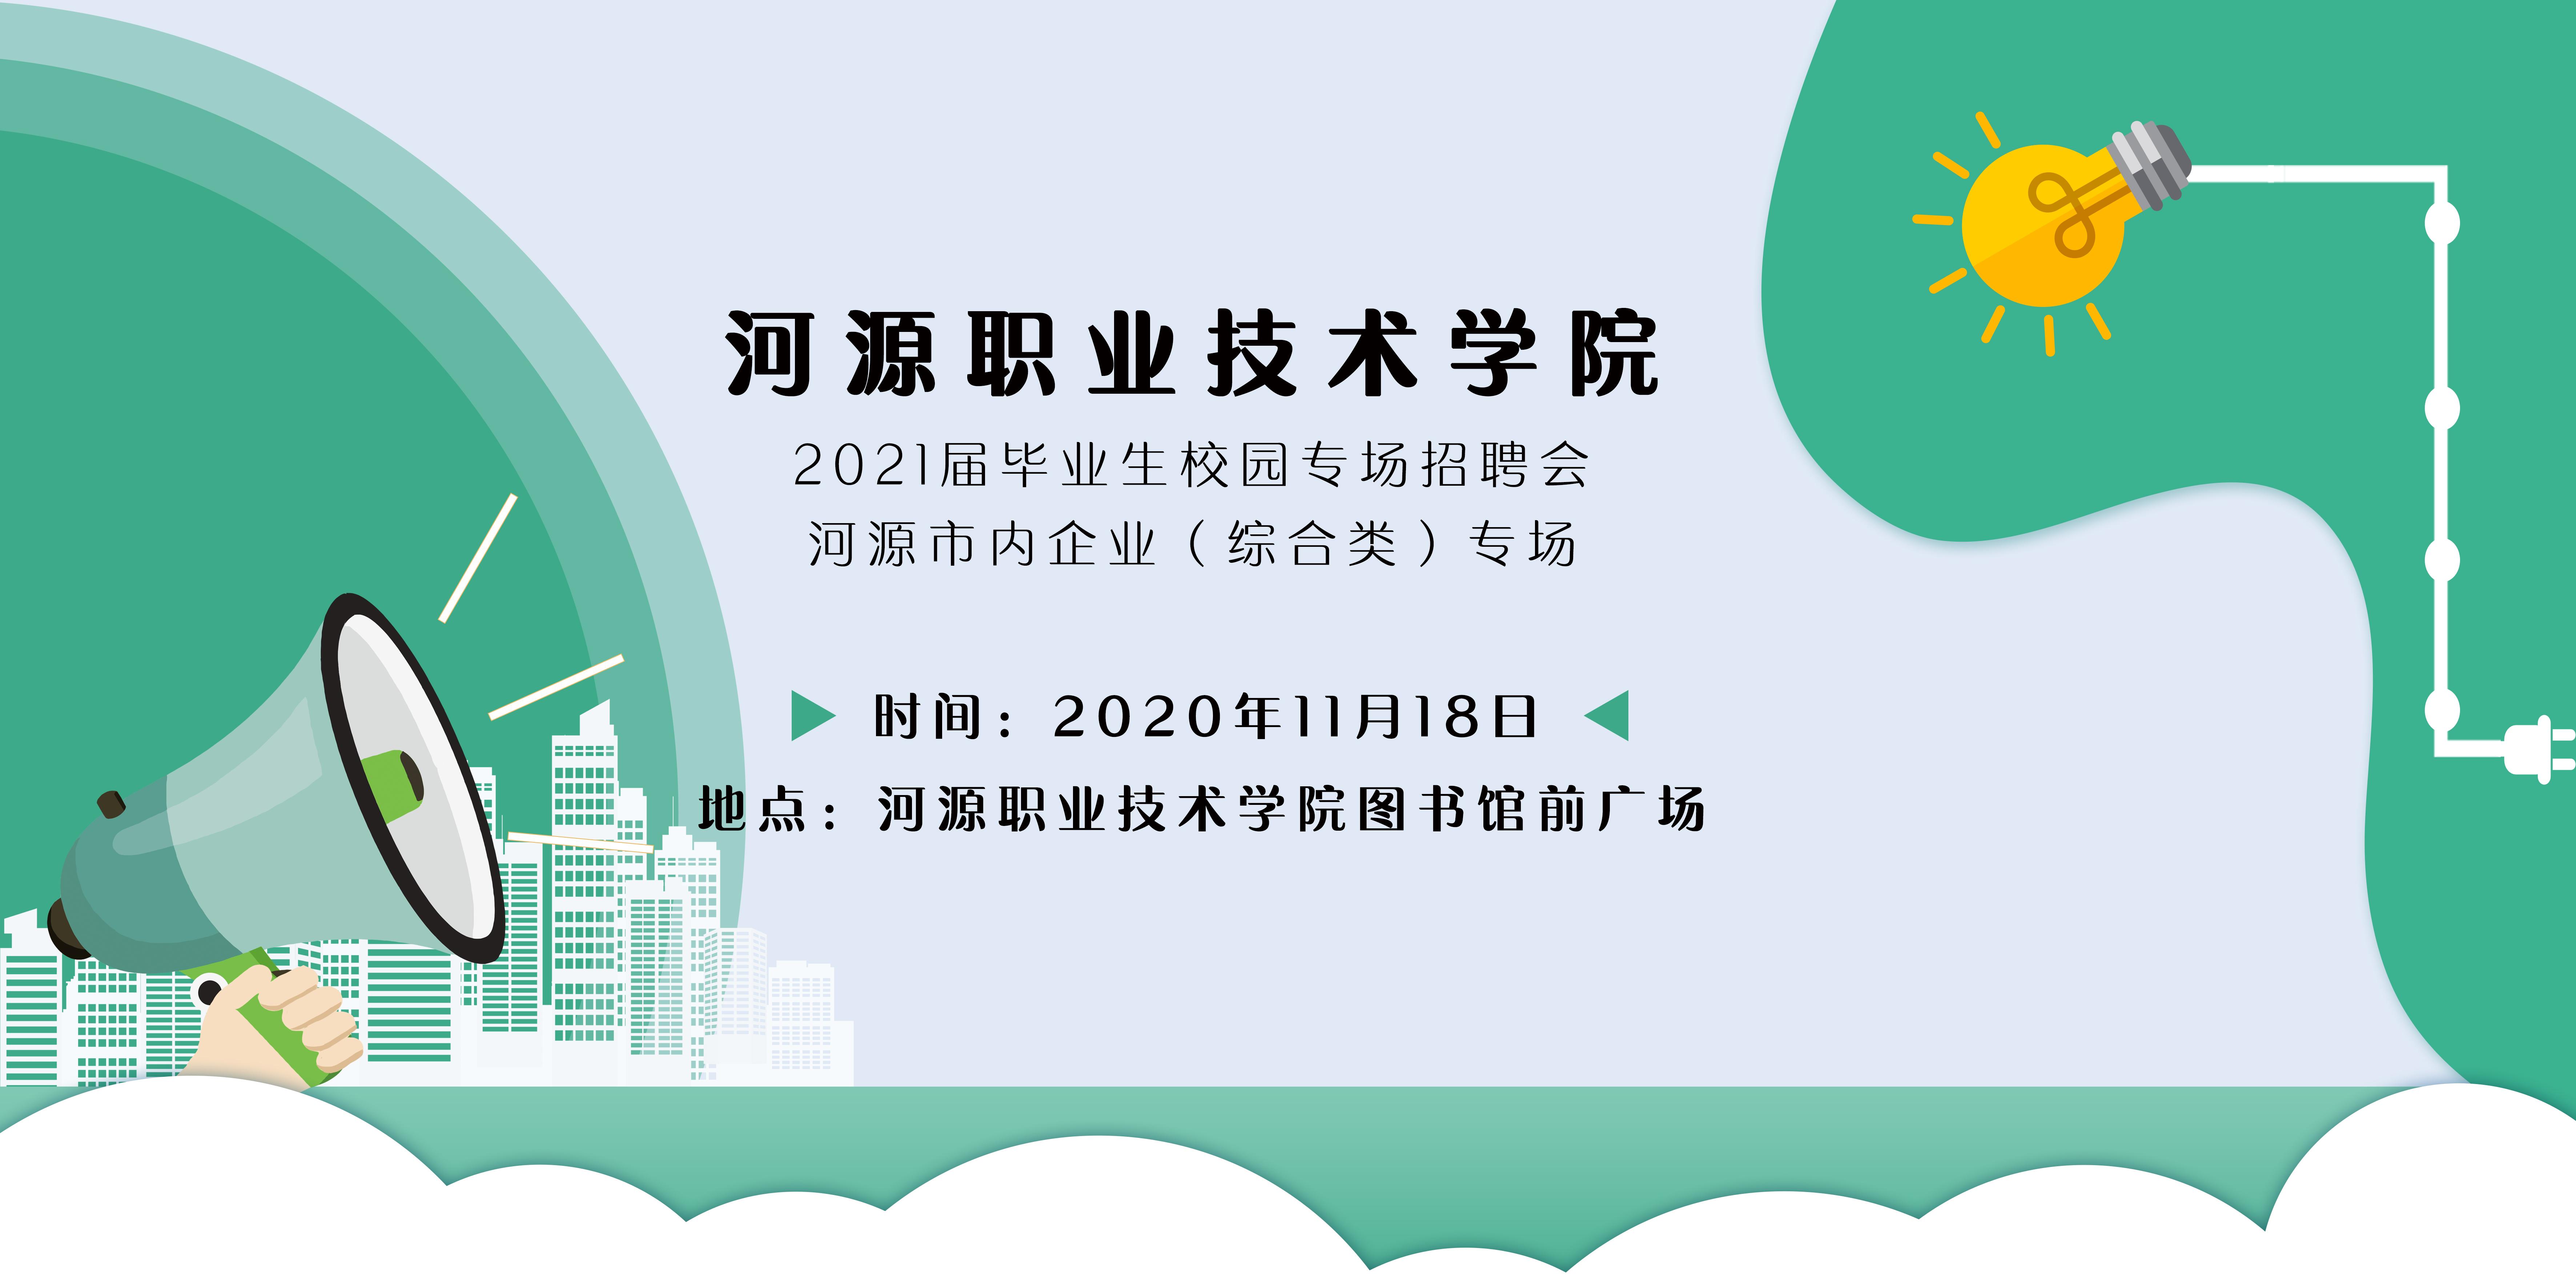 河源职业技术学院2021届毕业生校园系列招聘会公告第一场—河源市内企业(综合类)专场